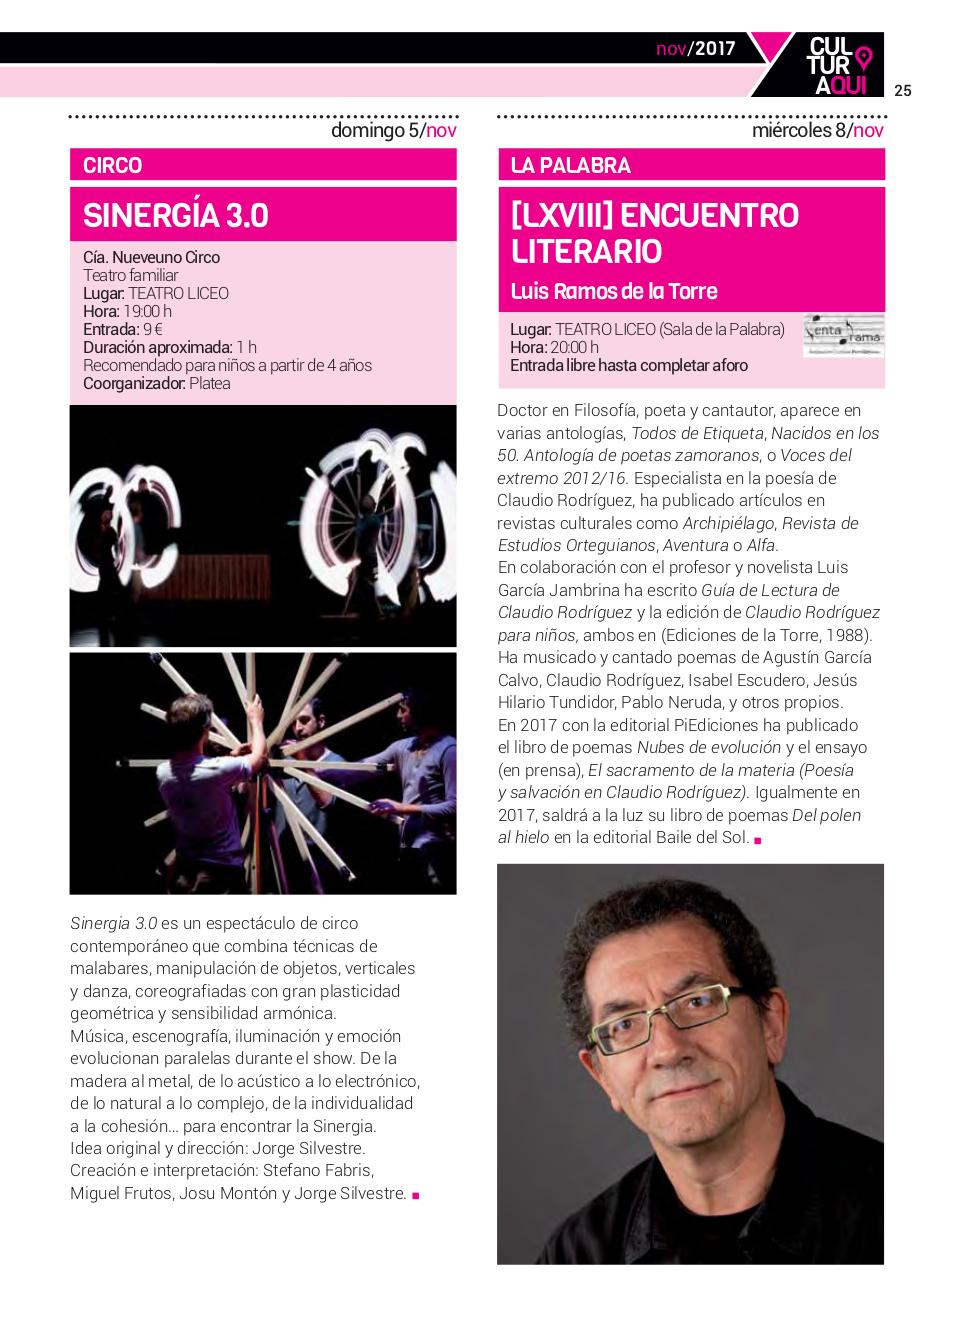 Teatro Liceo Compañía Nueveuno Circo Sinergia 3.0 Salamanca Noviembre 2017